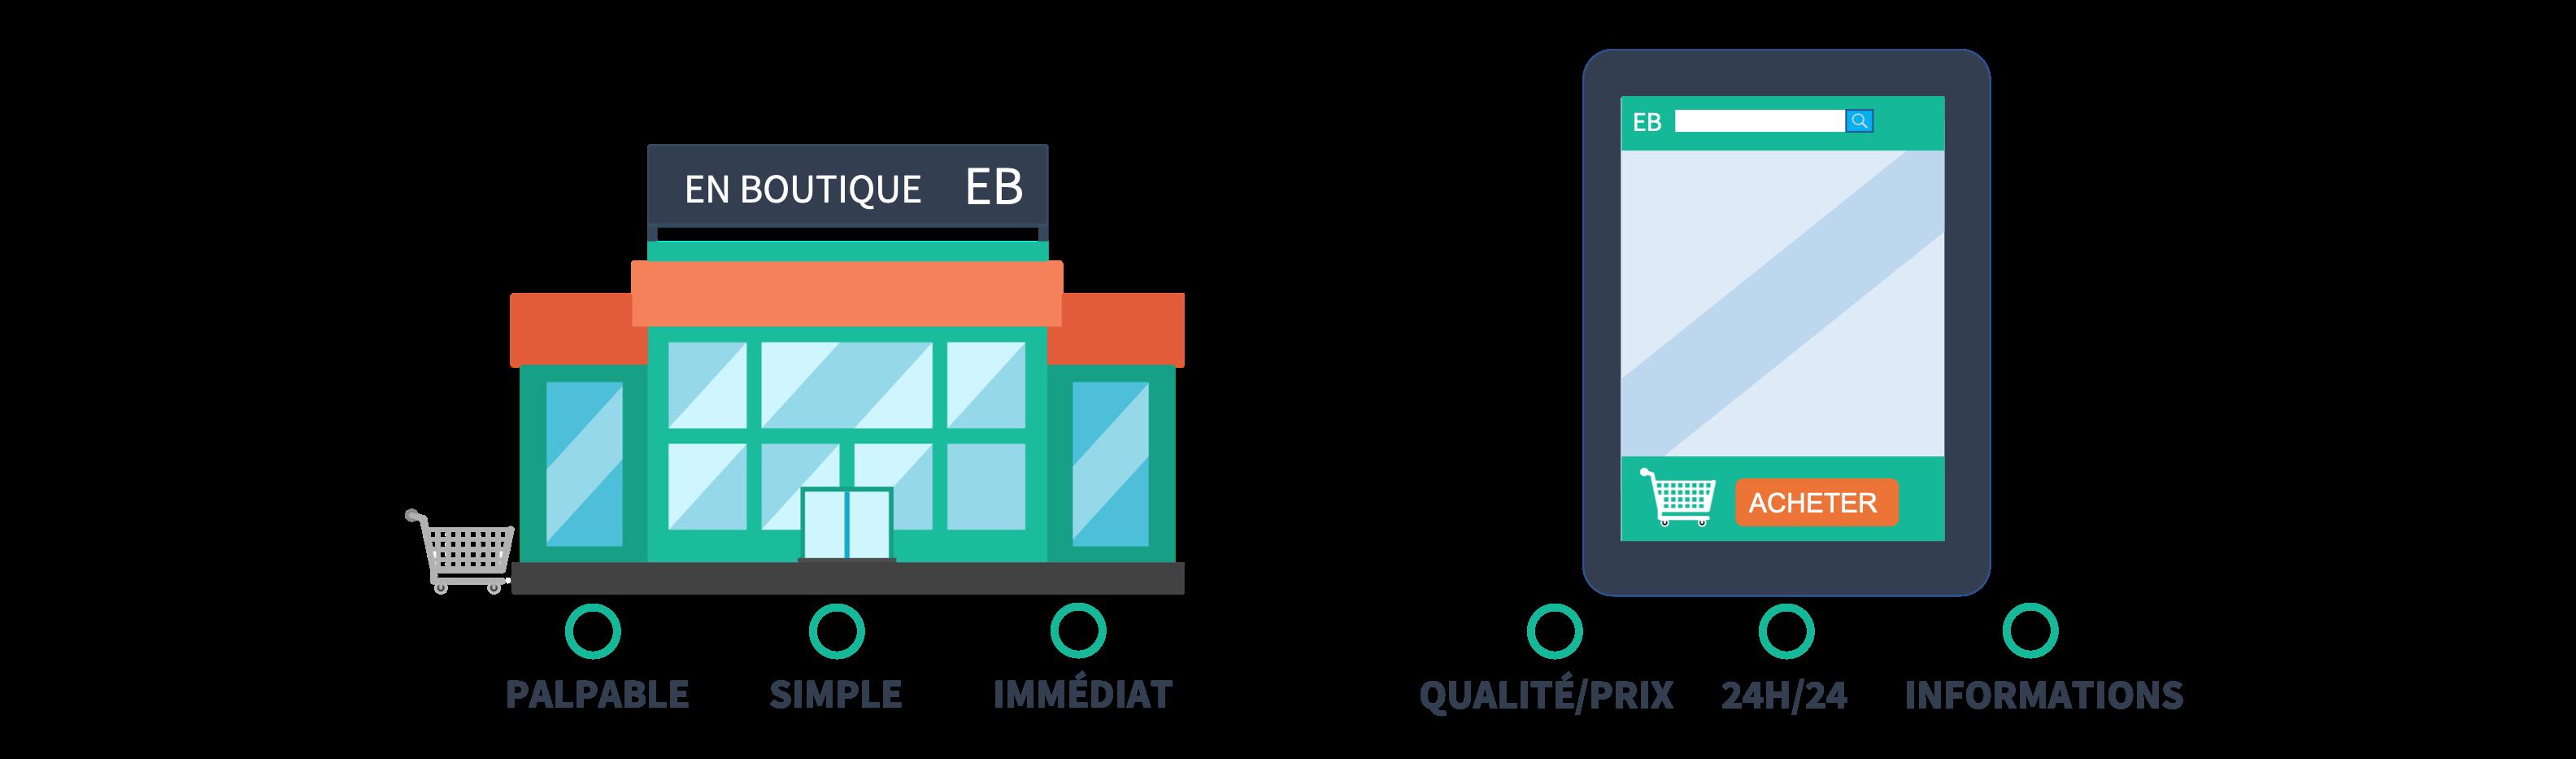 comparaison entre magasins physiques et e-commerce